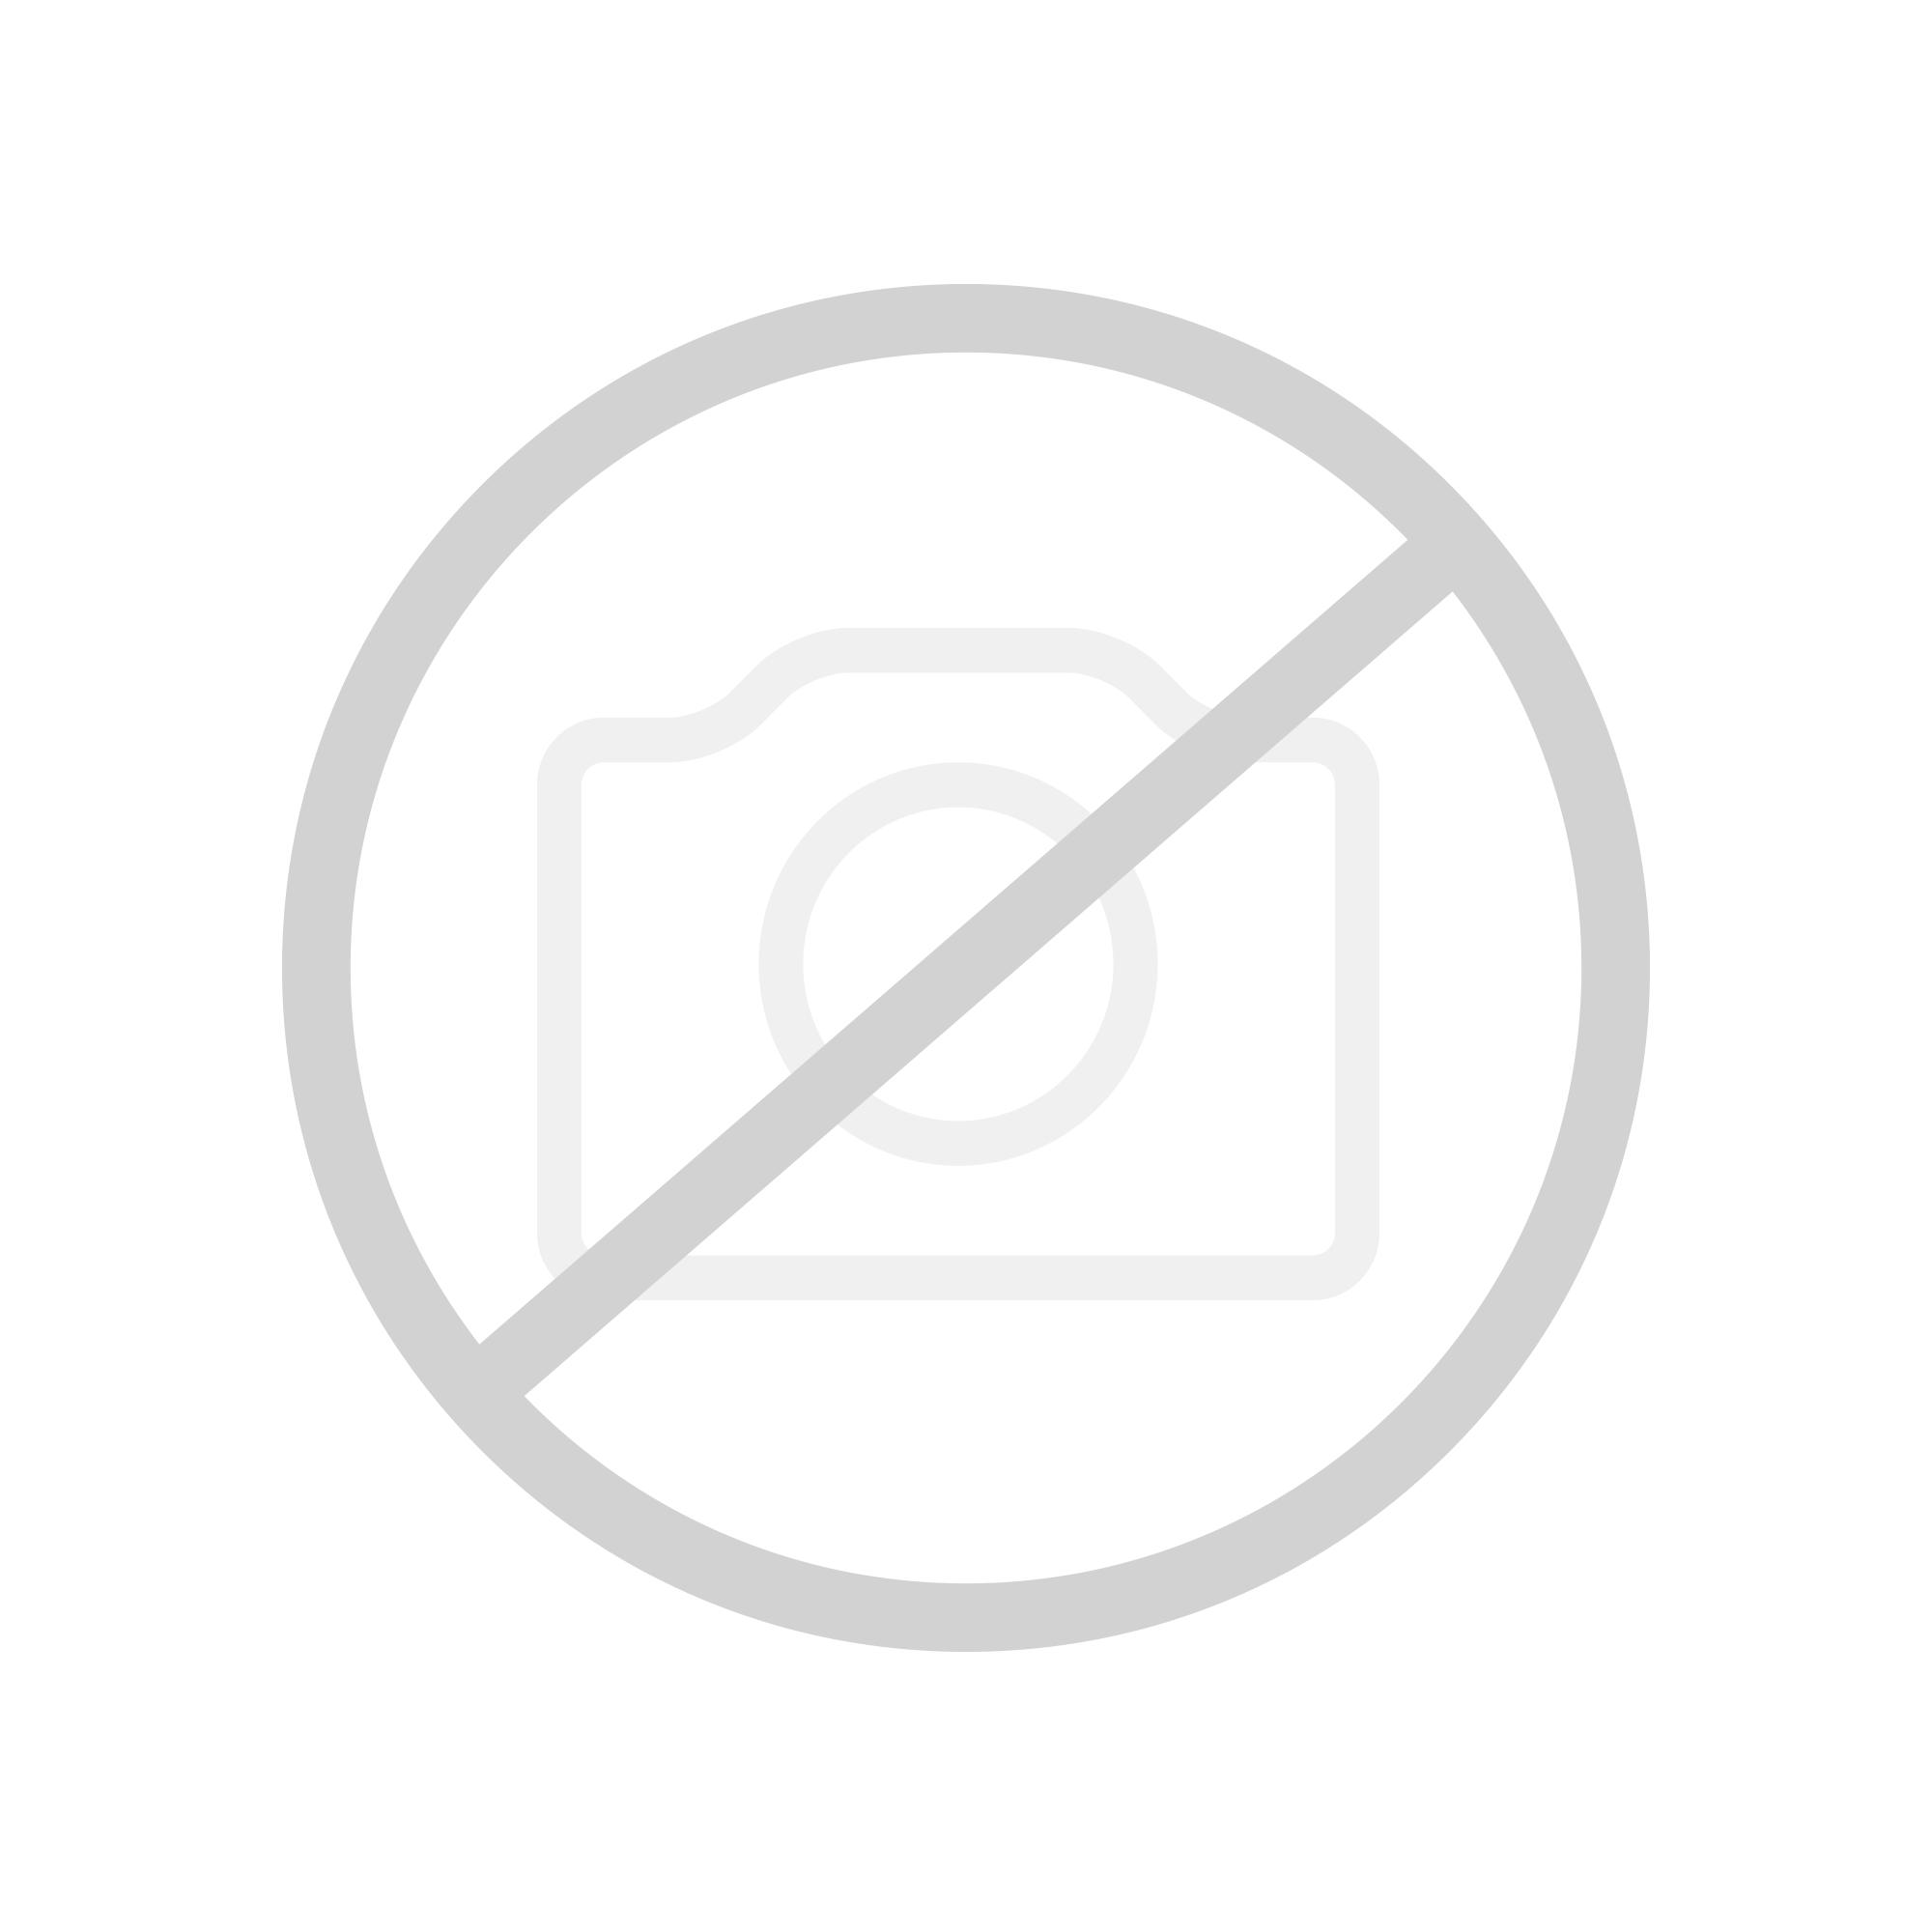 Hüppe Alpha 2 Seitenwand ESG klar / silber matt